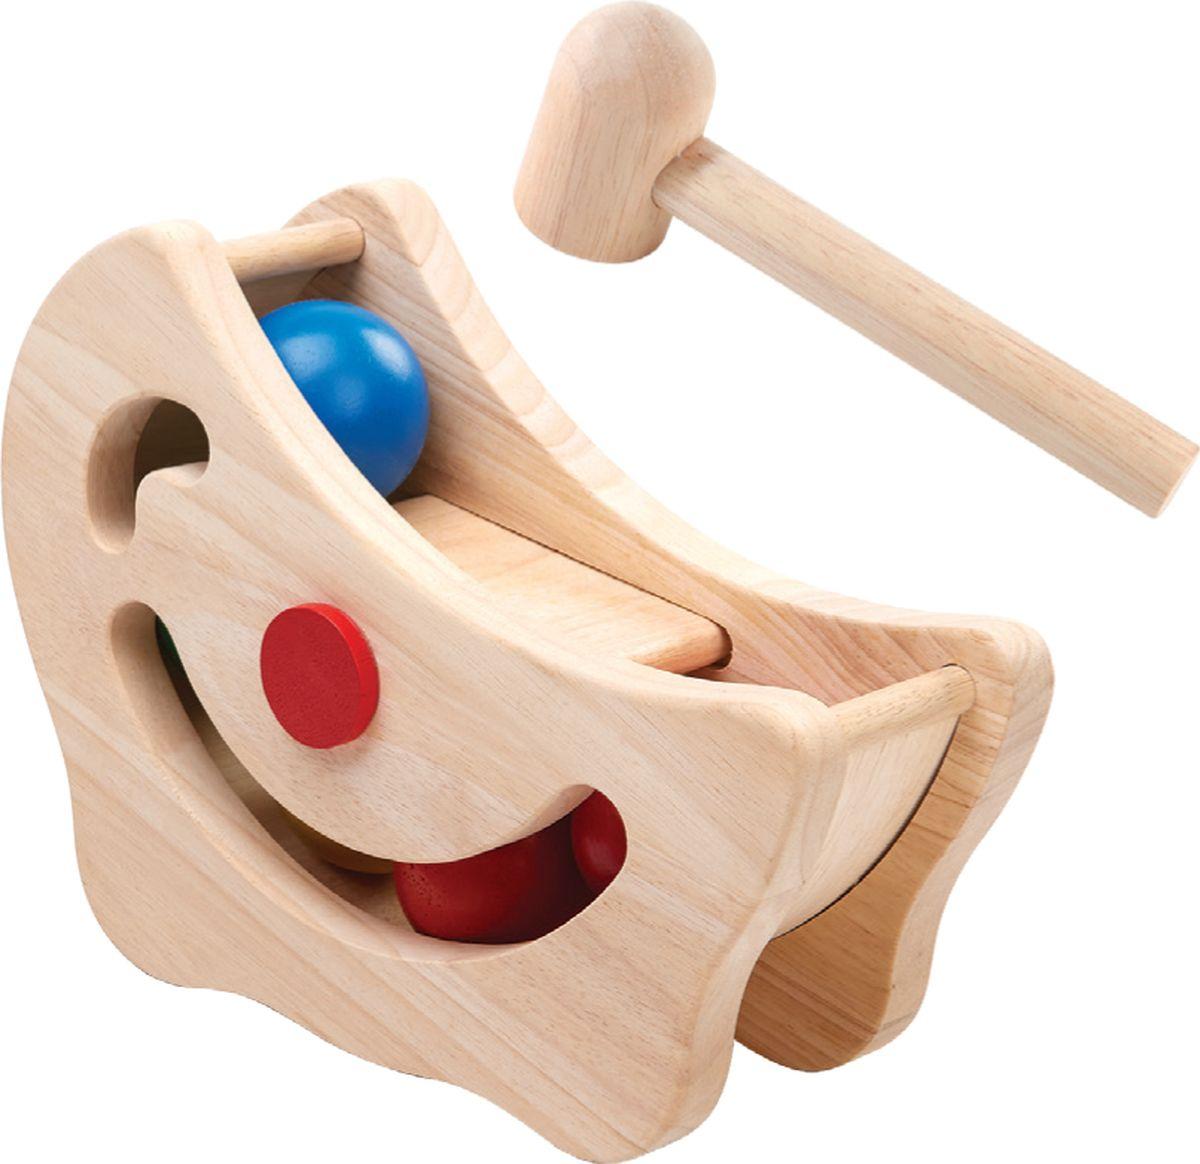 барабан plan toys 6404 Plan Toys Развивающая игрушка Горка с шарами